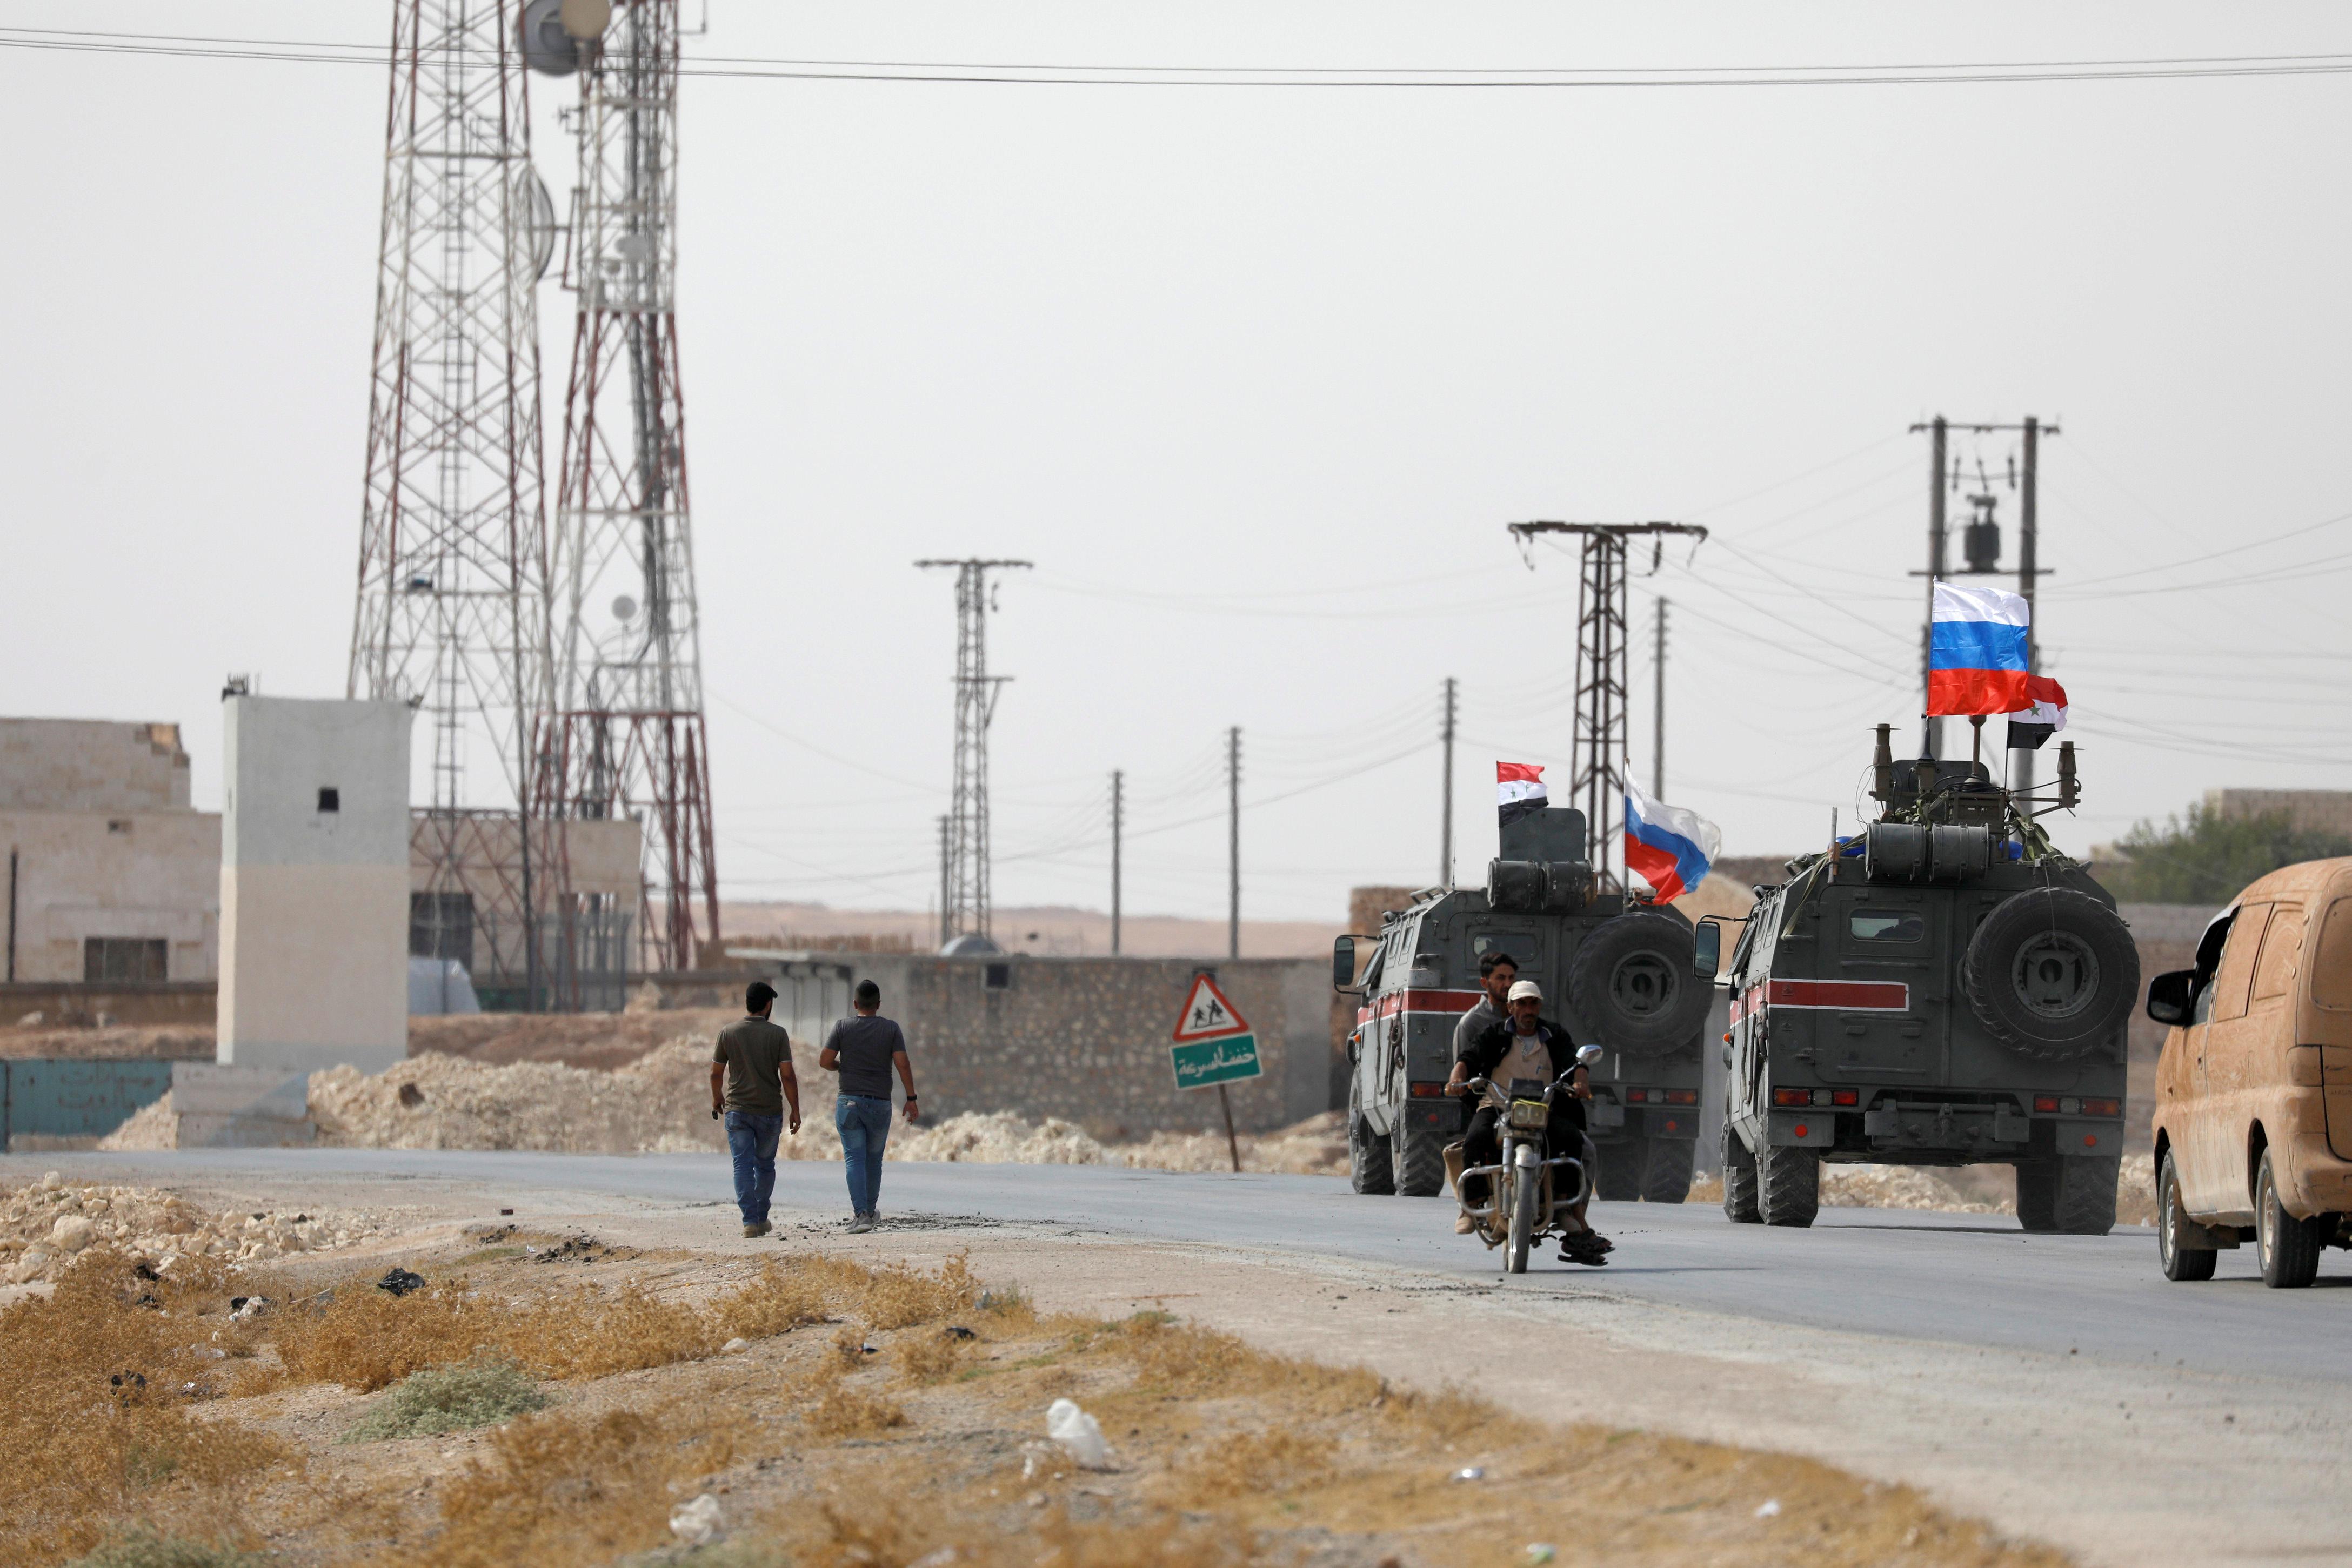 Συρία: Οι ρωσικές δυνάμεις βρίσκονται έξω από το Κομπάνι